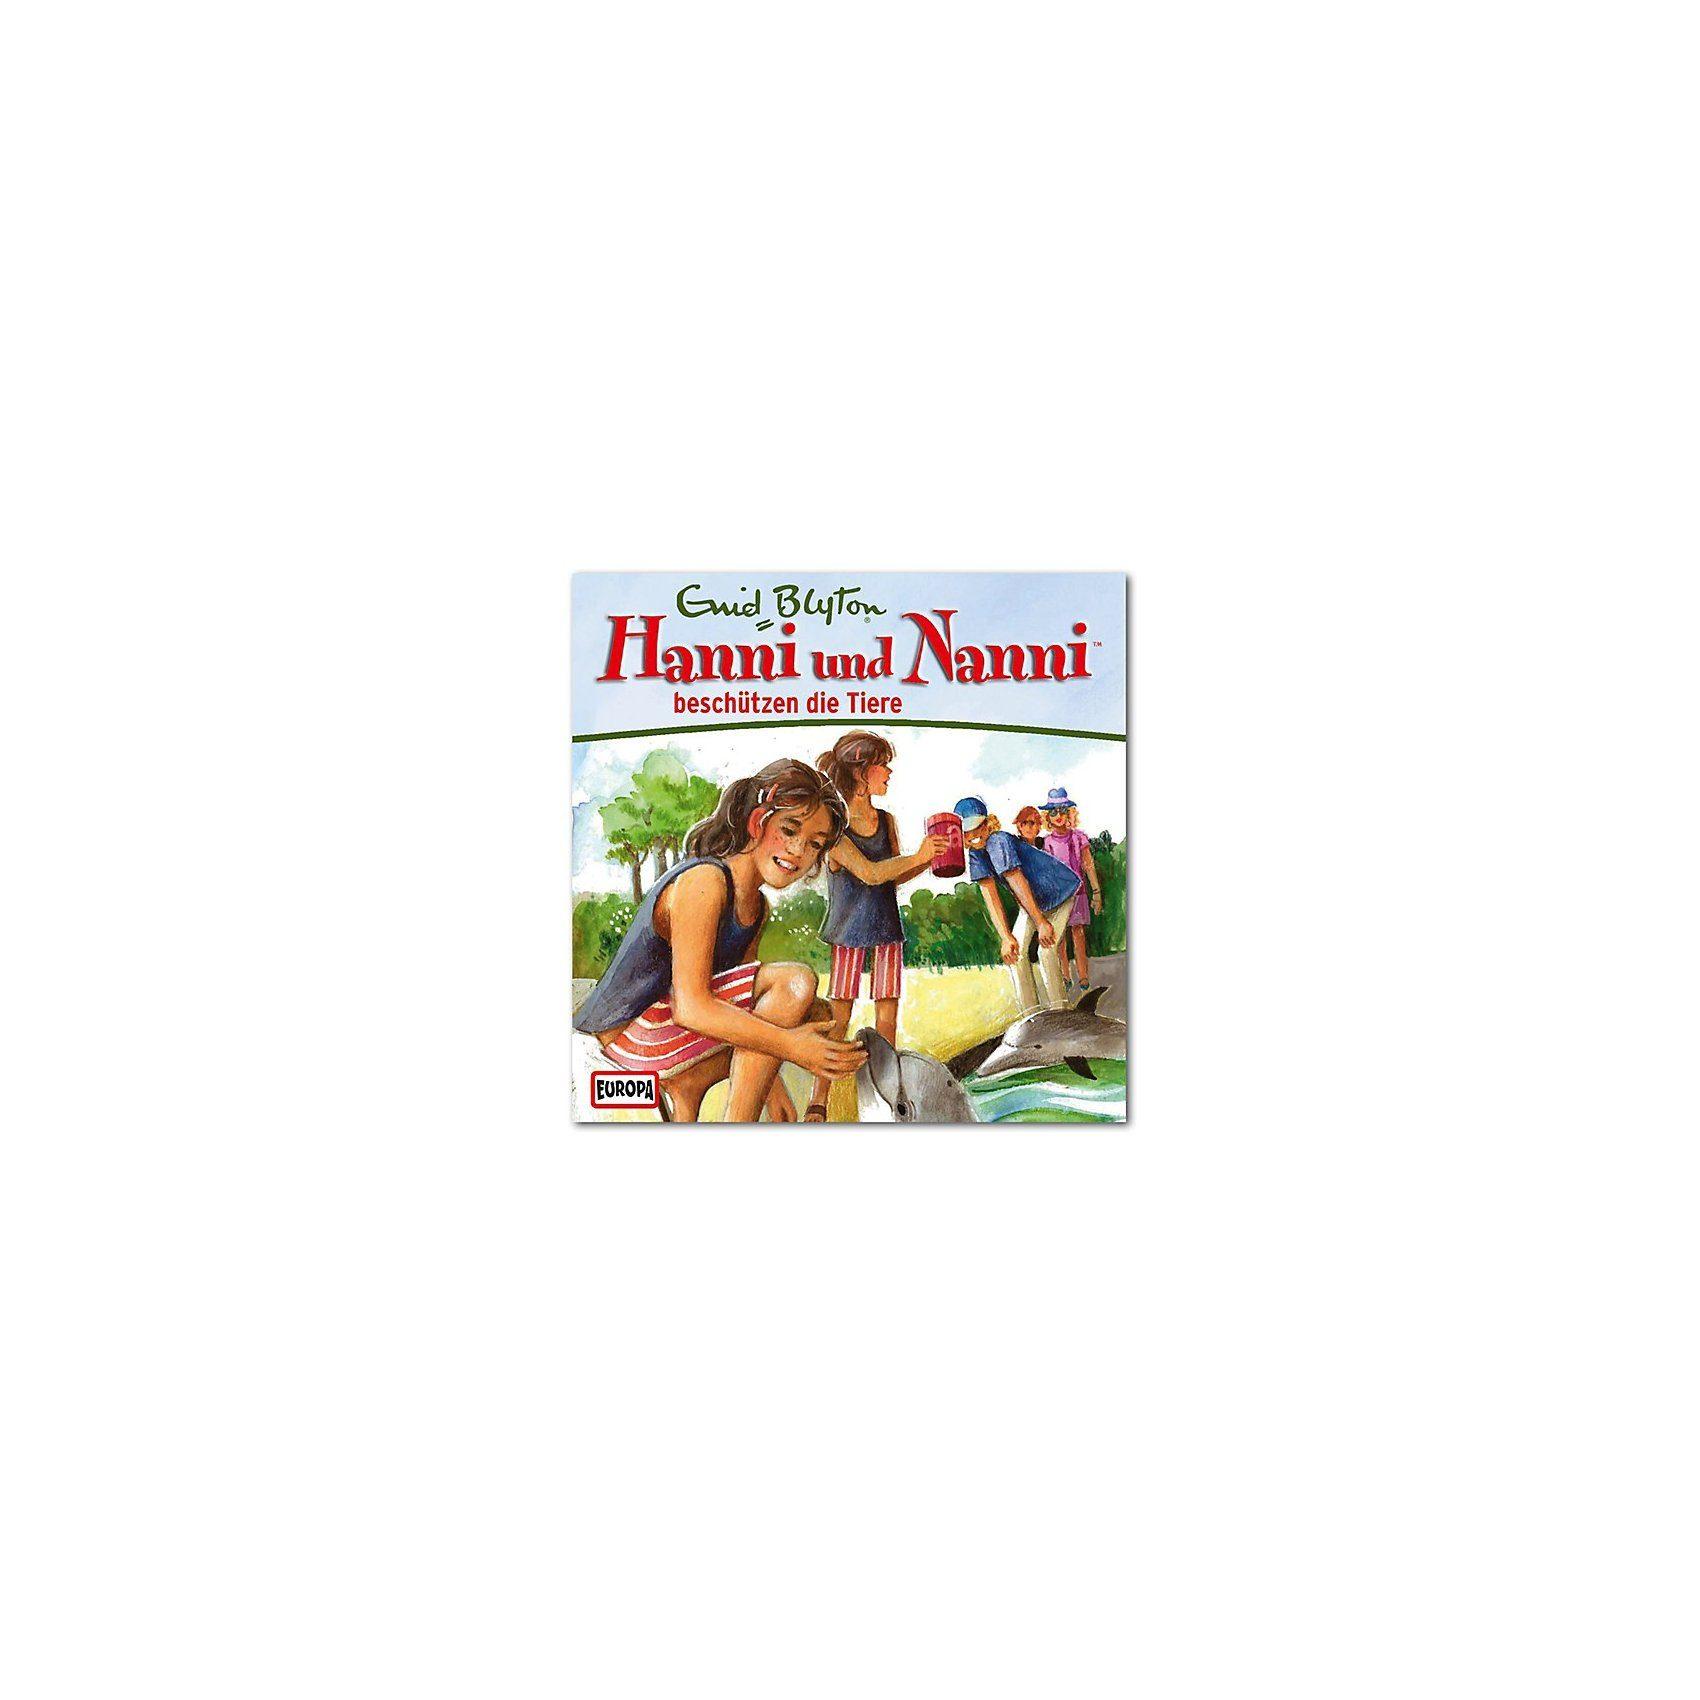 Sony CD Hanni & Nanni 36 - beschützen die Tiere